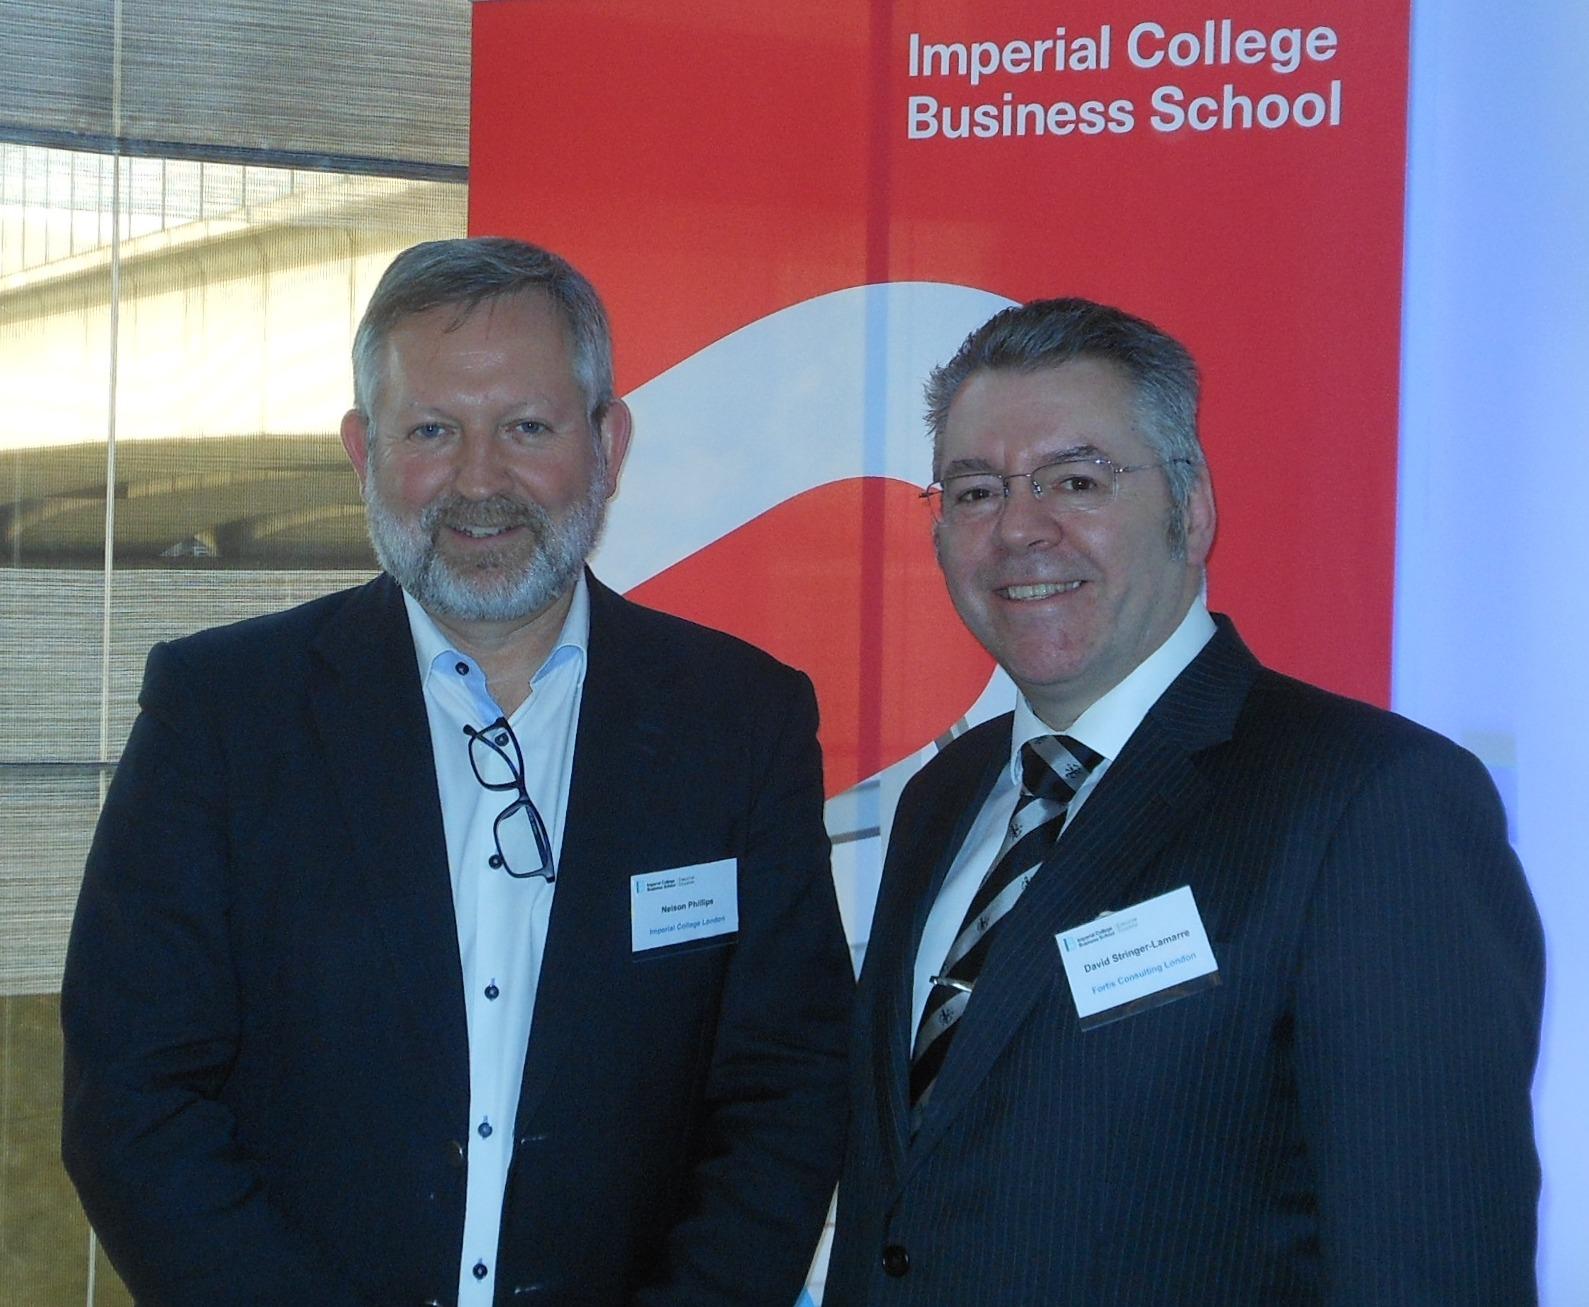 Left to right: Professor Nelson Phillips & David Stringer-Lamarre